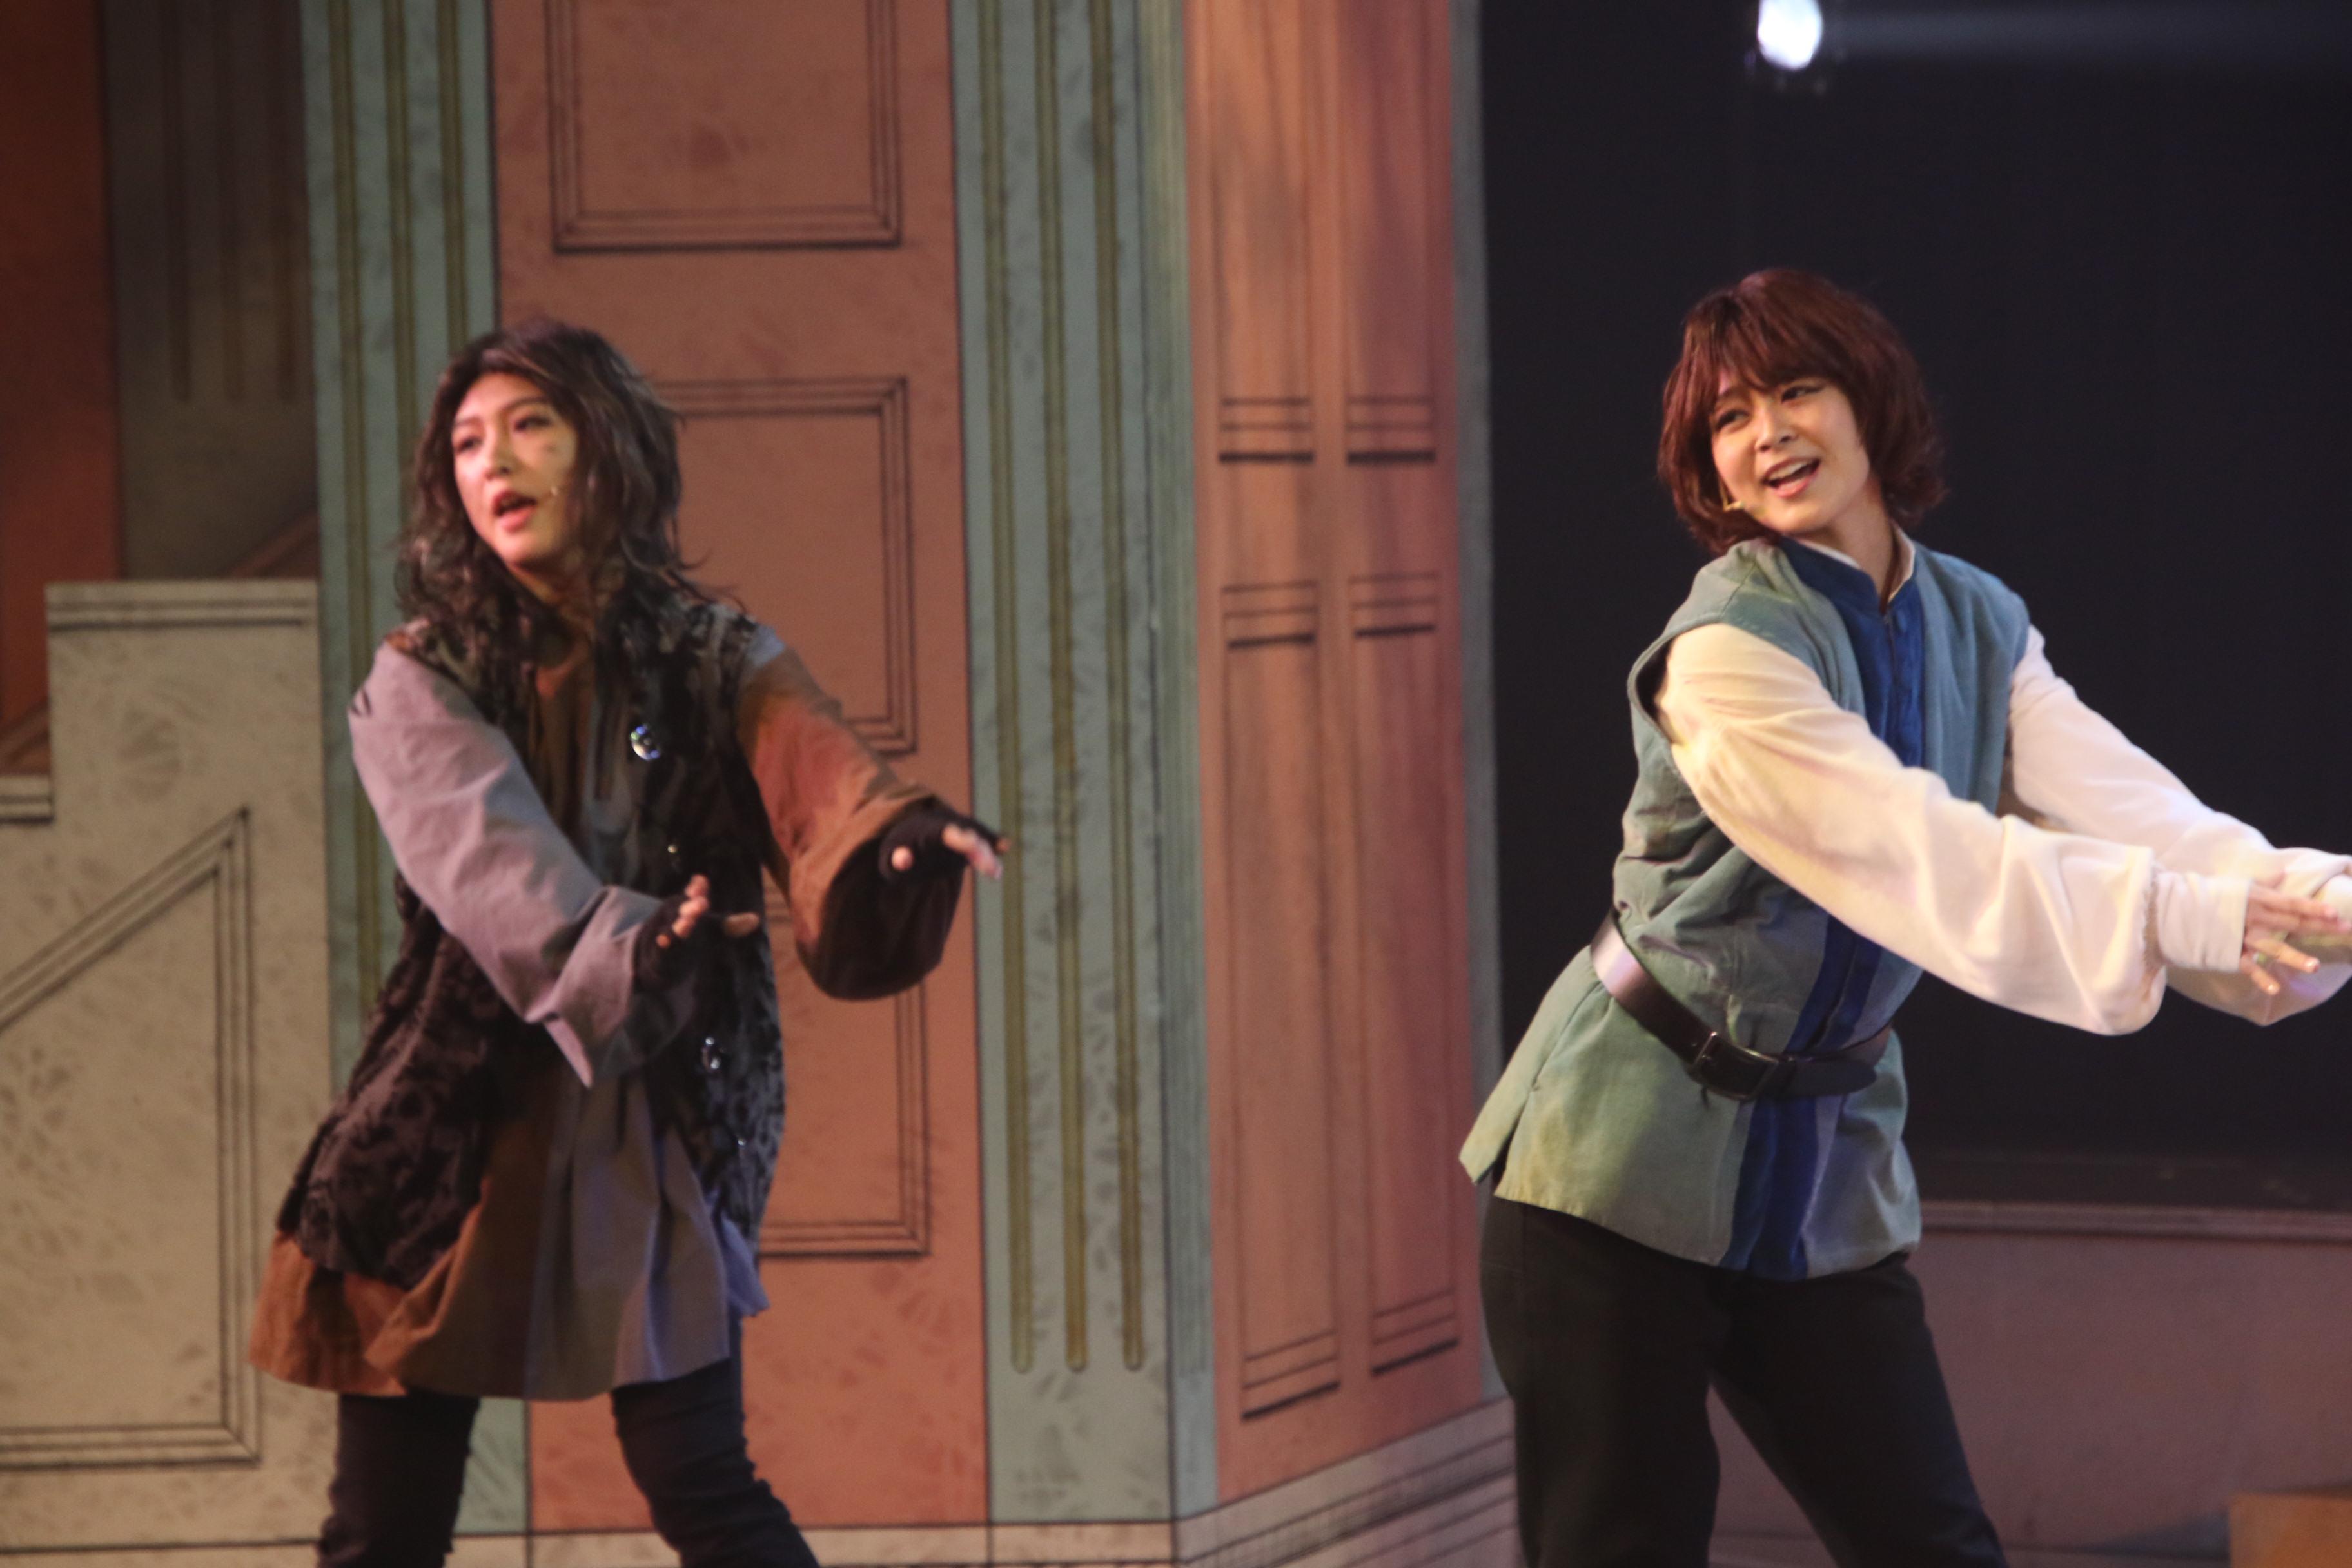 舞台の最後ではAKB48の楽曲を披露。舞台の衣装とメイクでアイドルに戻る太田奈緒(右)と山田菜々美(左)